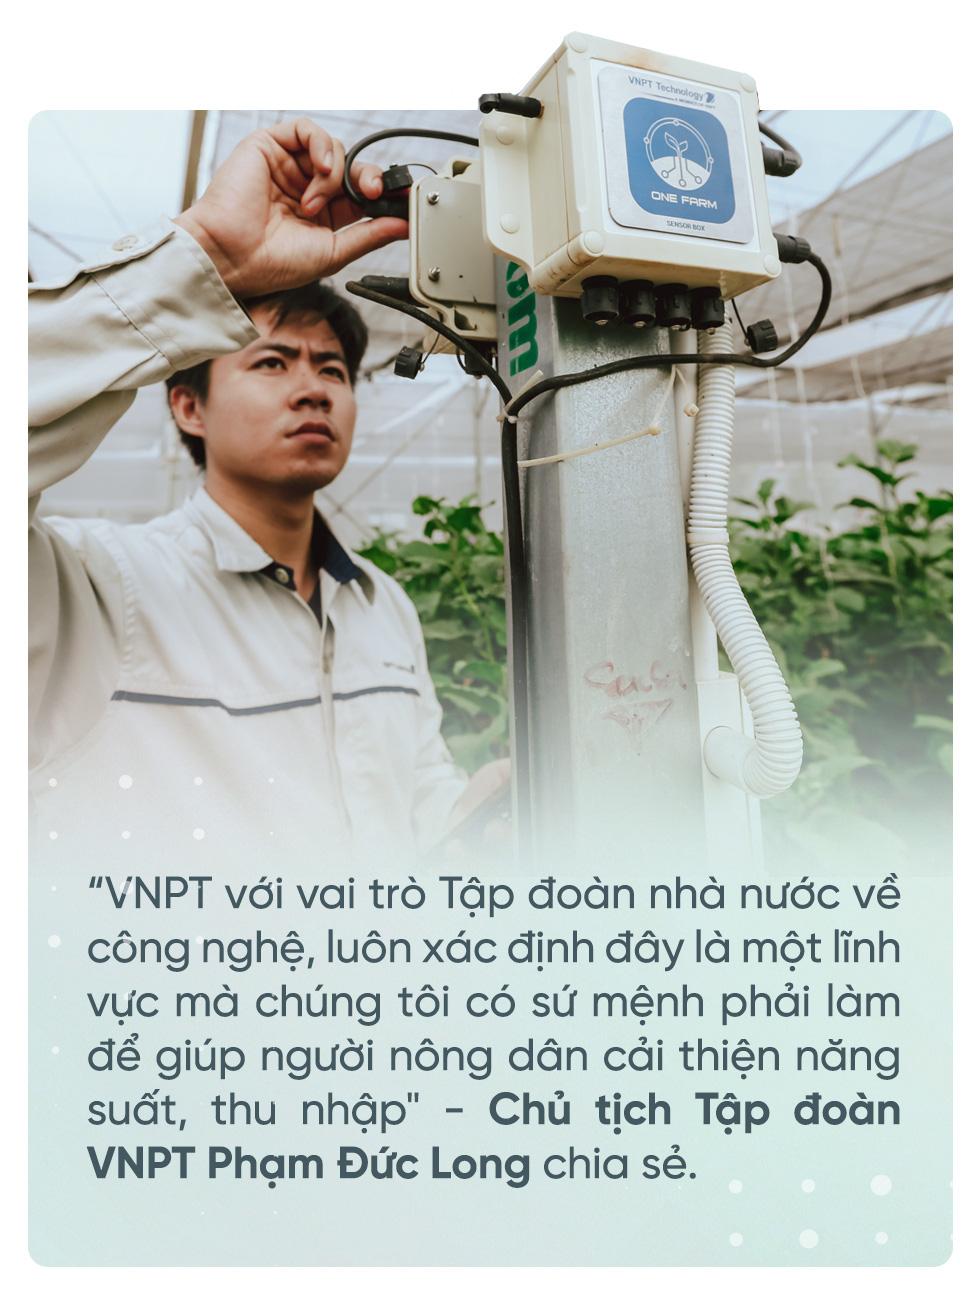 Thúc đẩy kinh tế số bằng nền tảng công nghệ Việt - Ảnh 7.